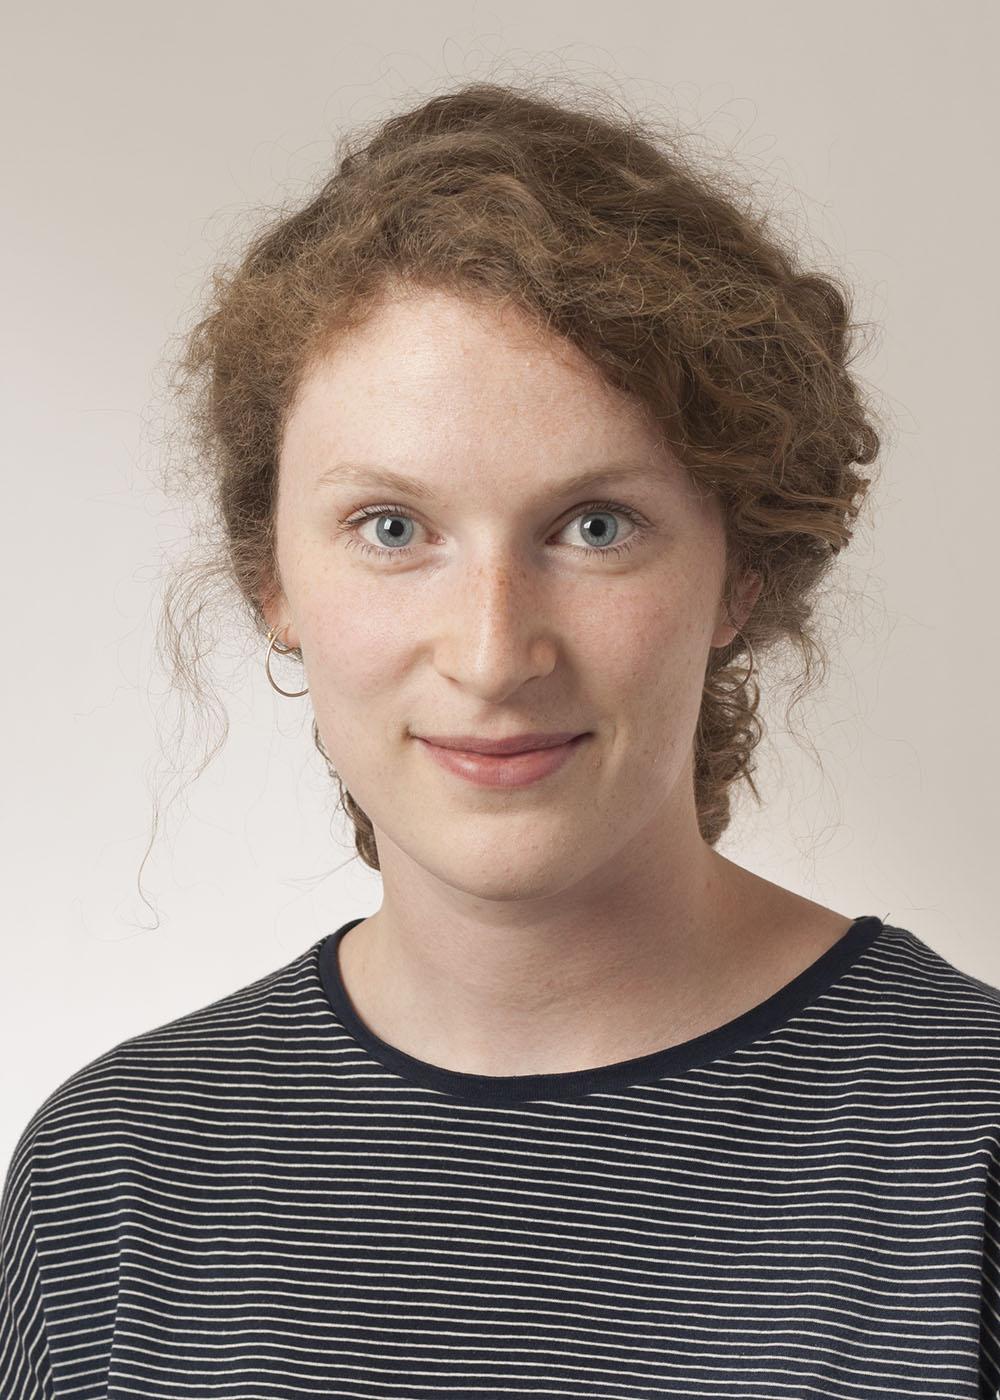 Louise Marie Kragh Dalskov